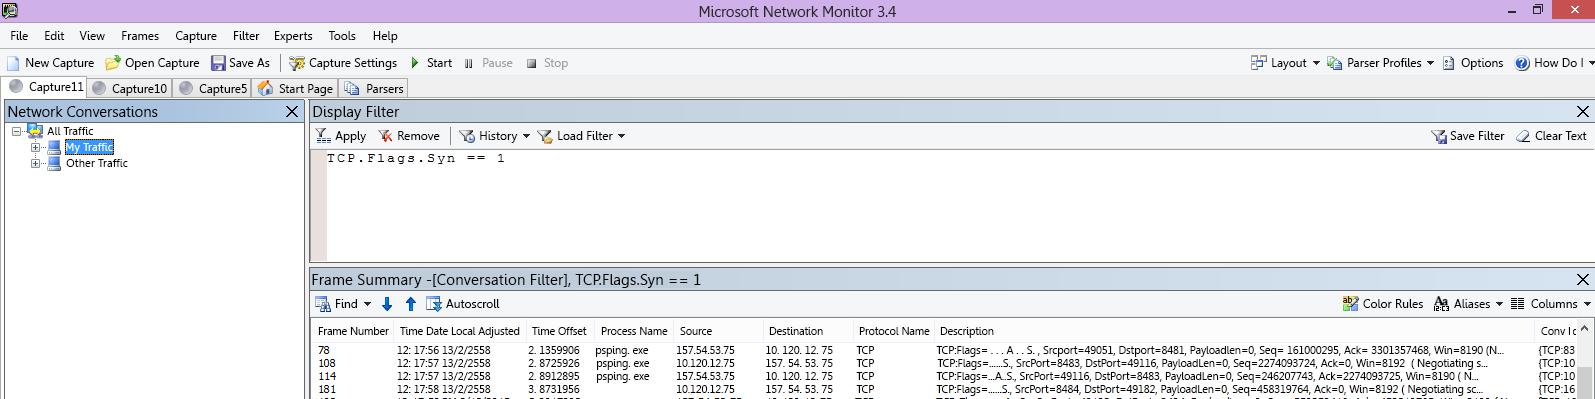 Netmon ติดตามจากไคลเอ็นต์แสดงคำสั่ง PSPing เดียวกันผ่านตัวกรอง TCP.Flags.Syn == 1